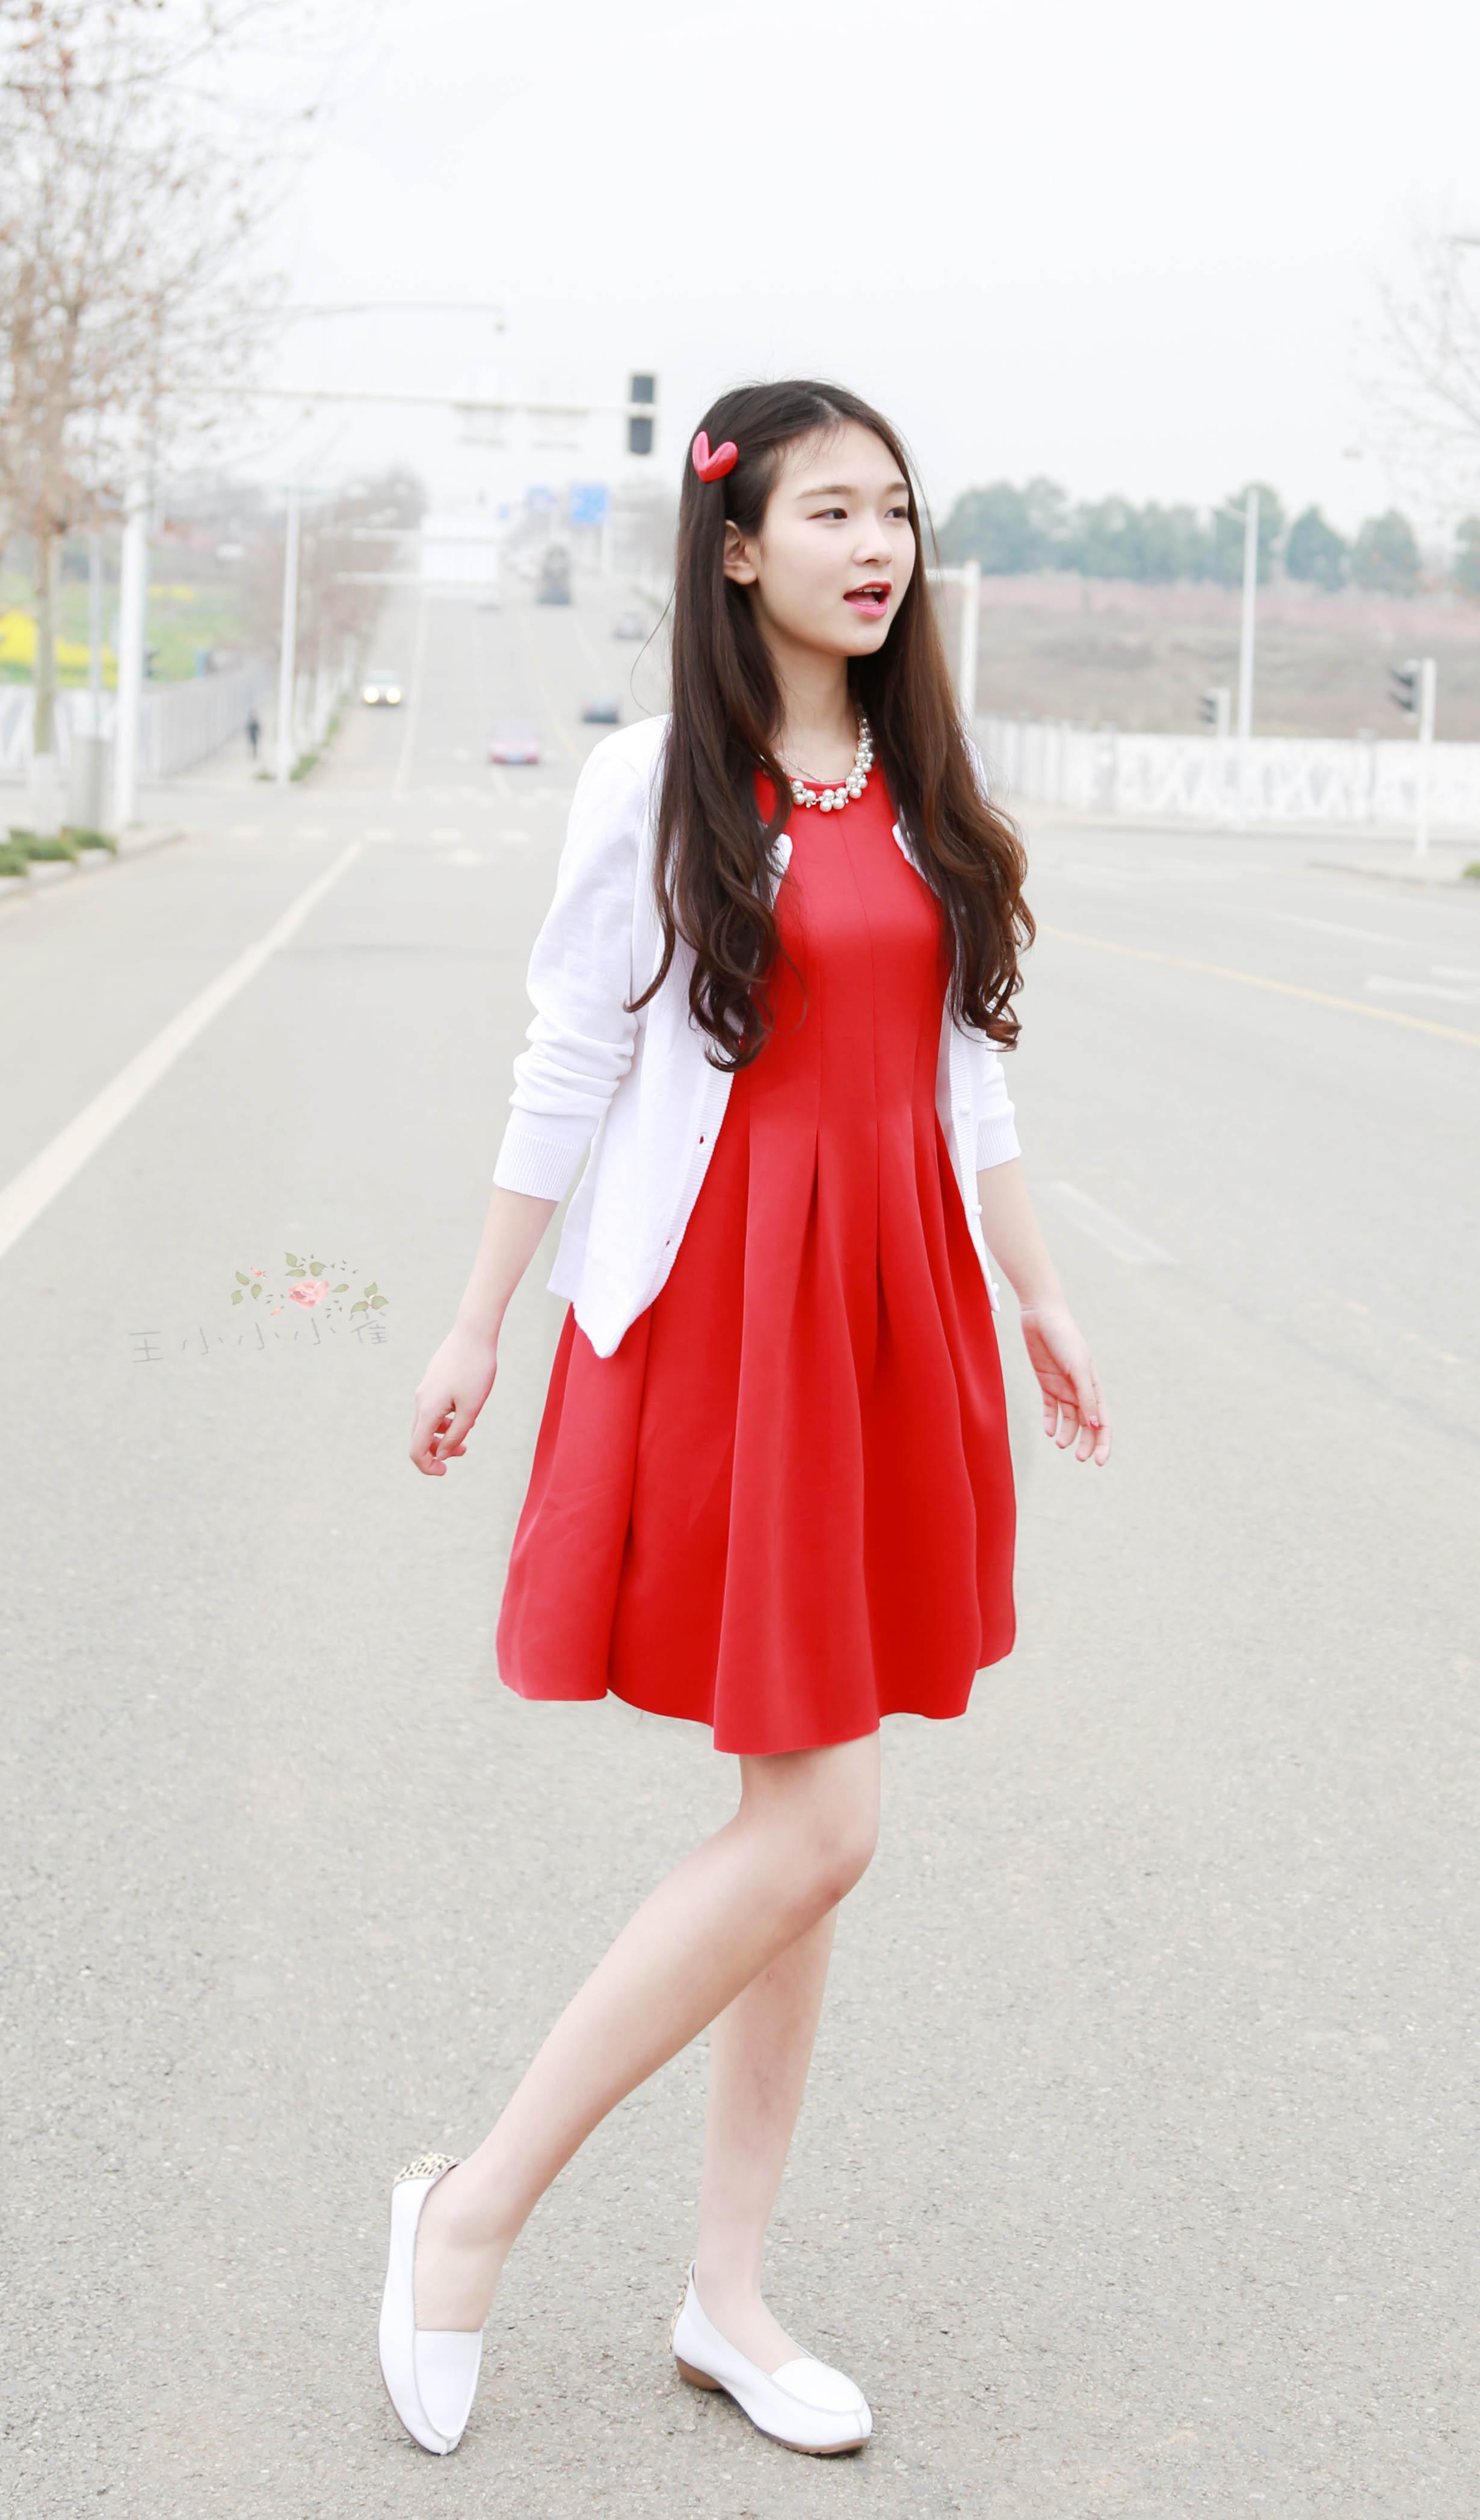 红裙子搭配外套